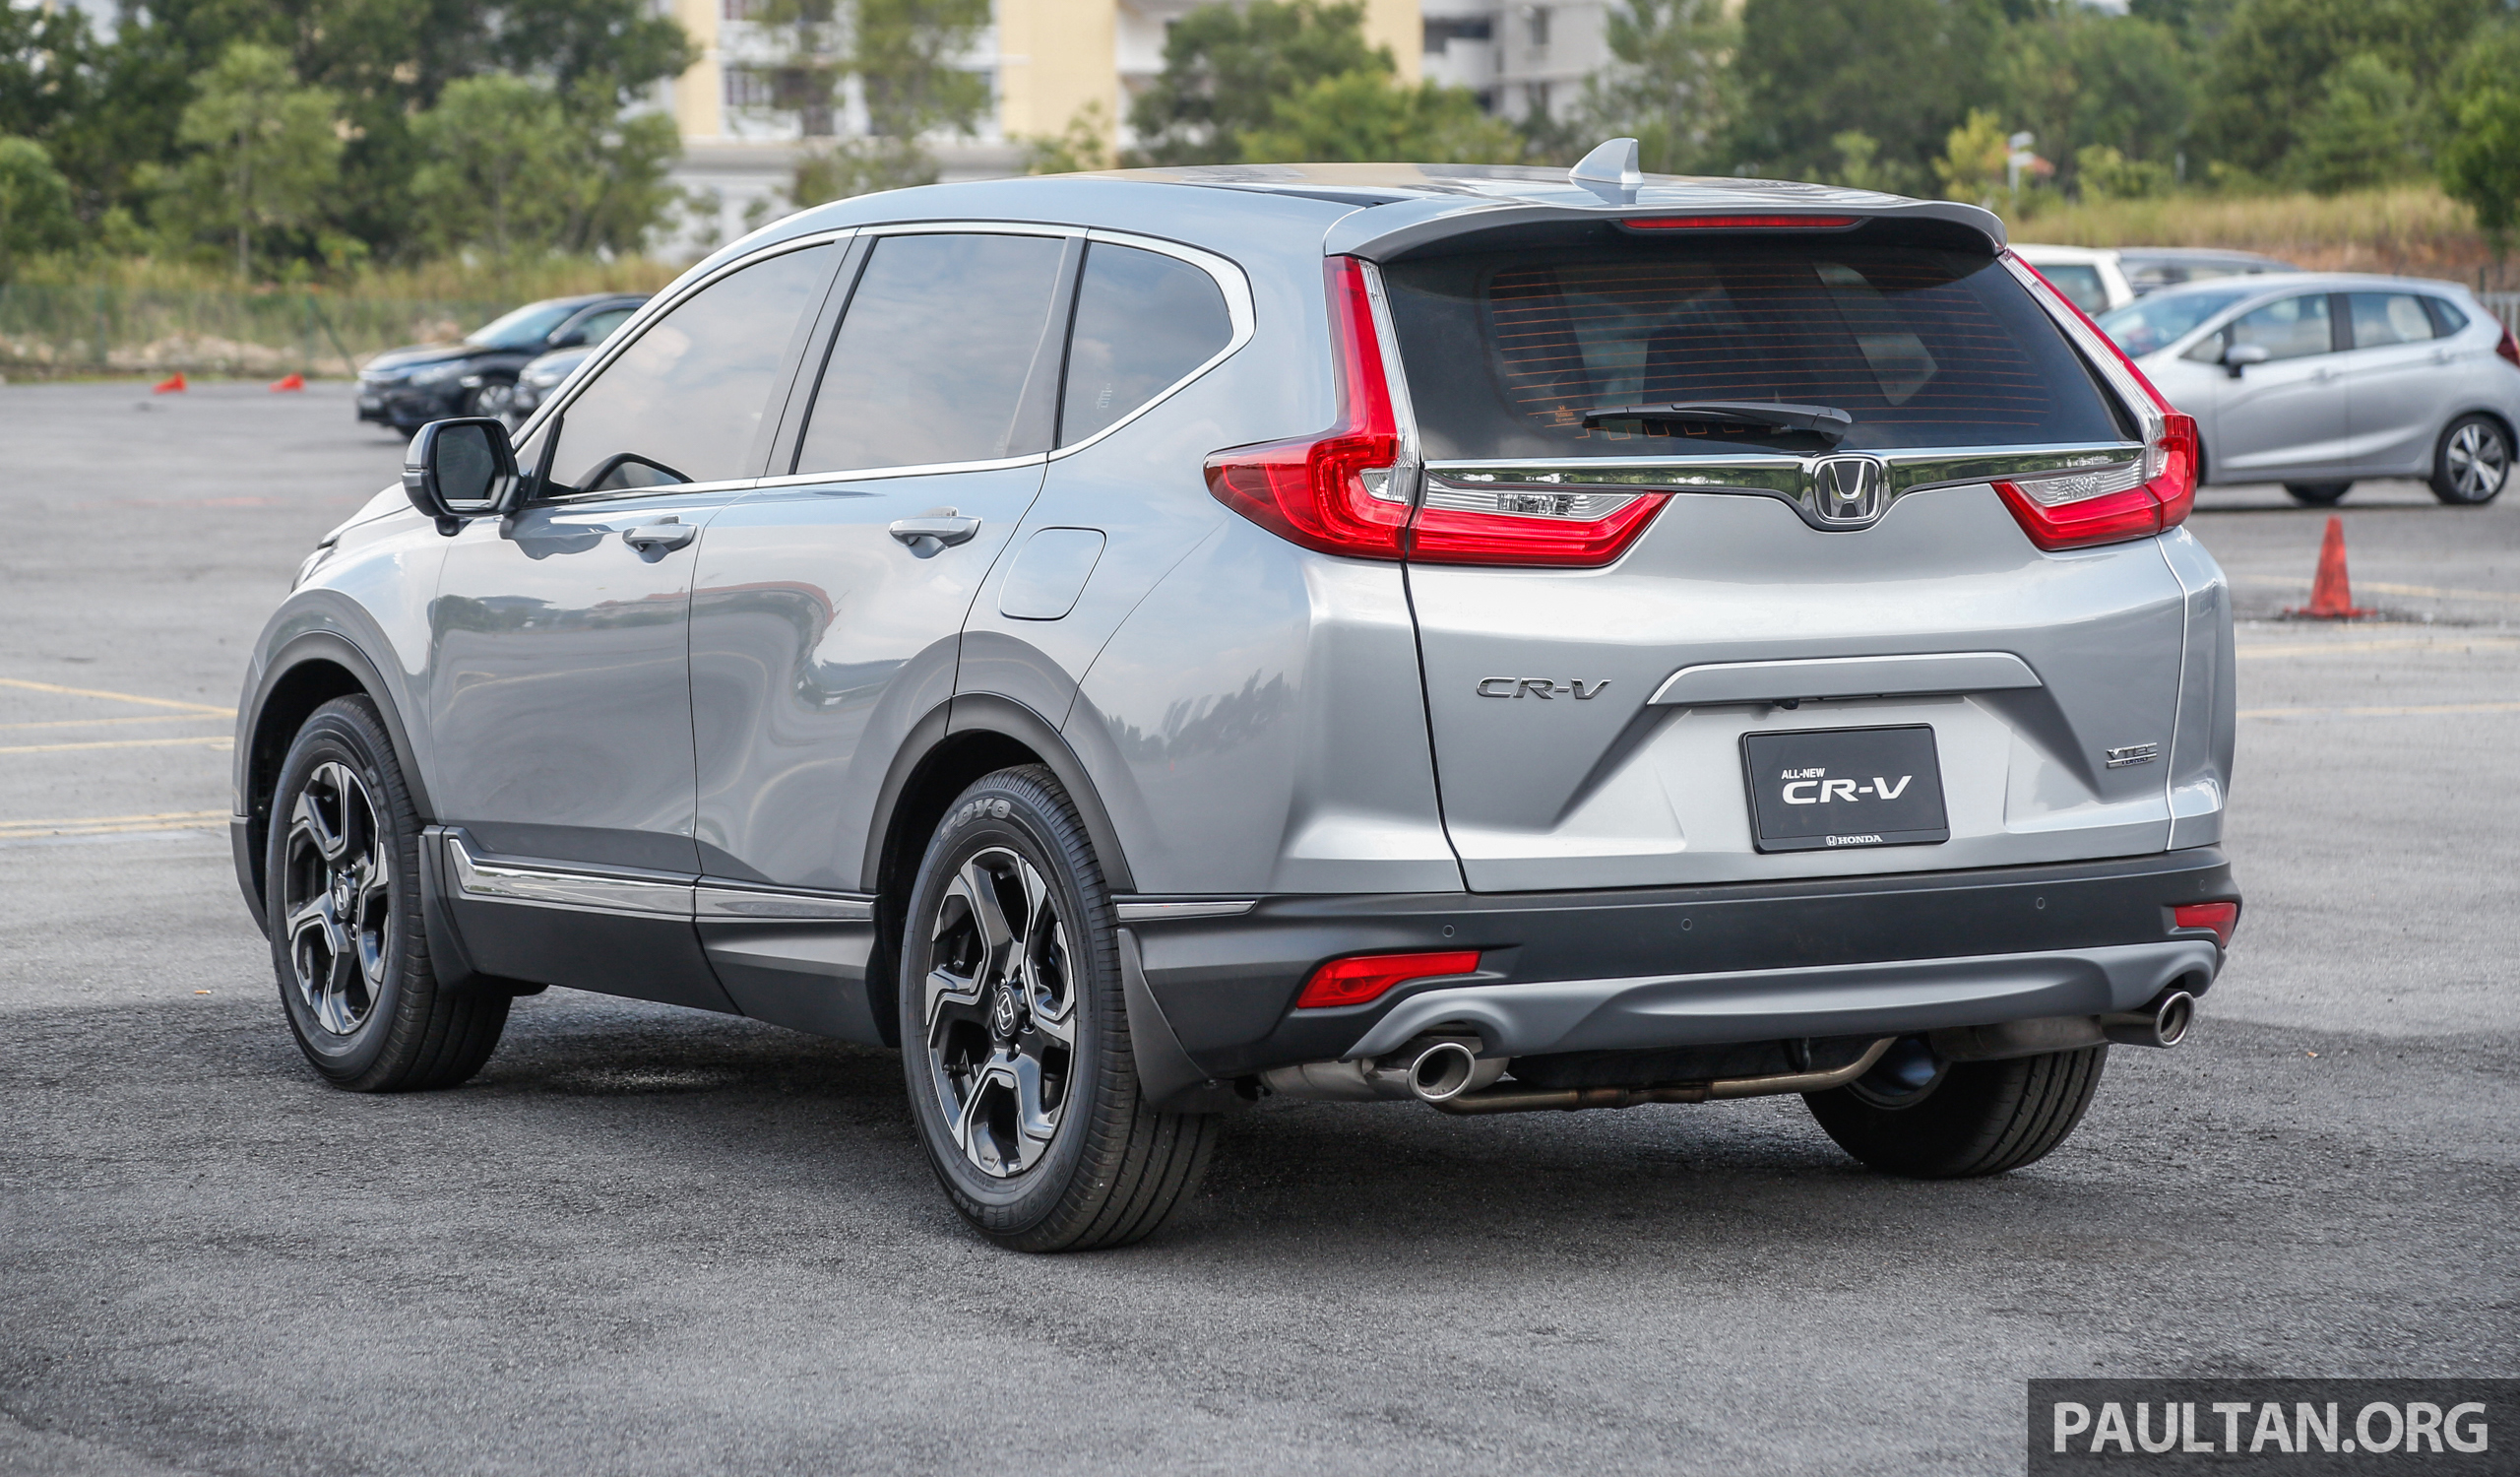 GALLERY: Honda CR-V – new 1.5L Turbo vs old 2.4L Image 673091